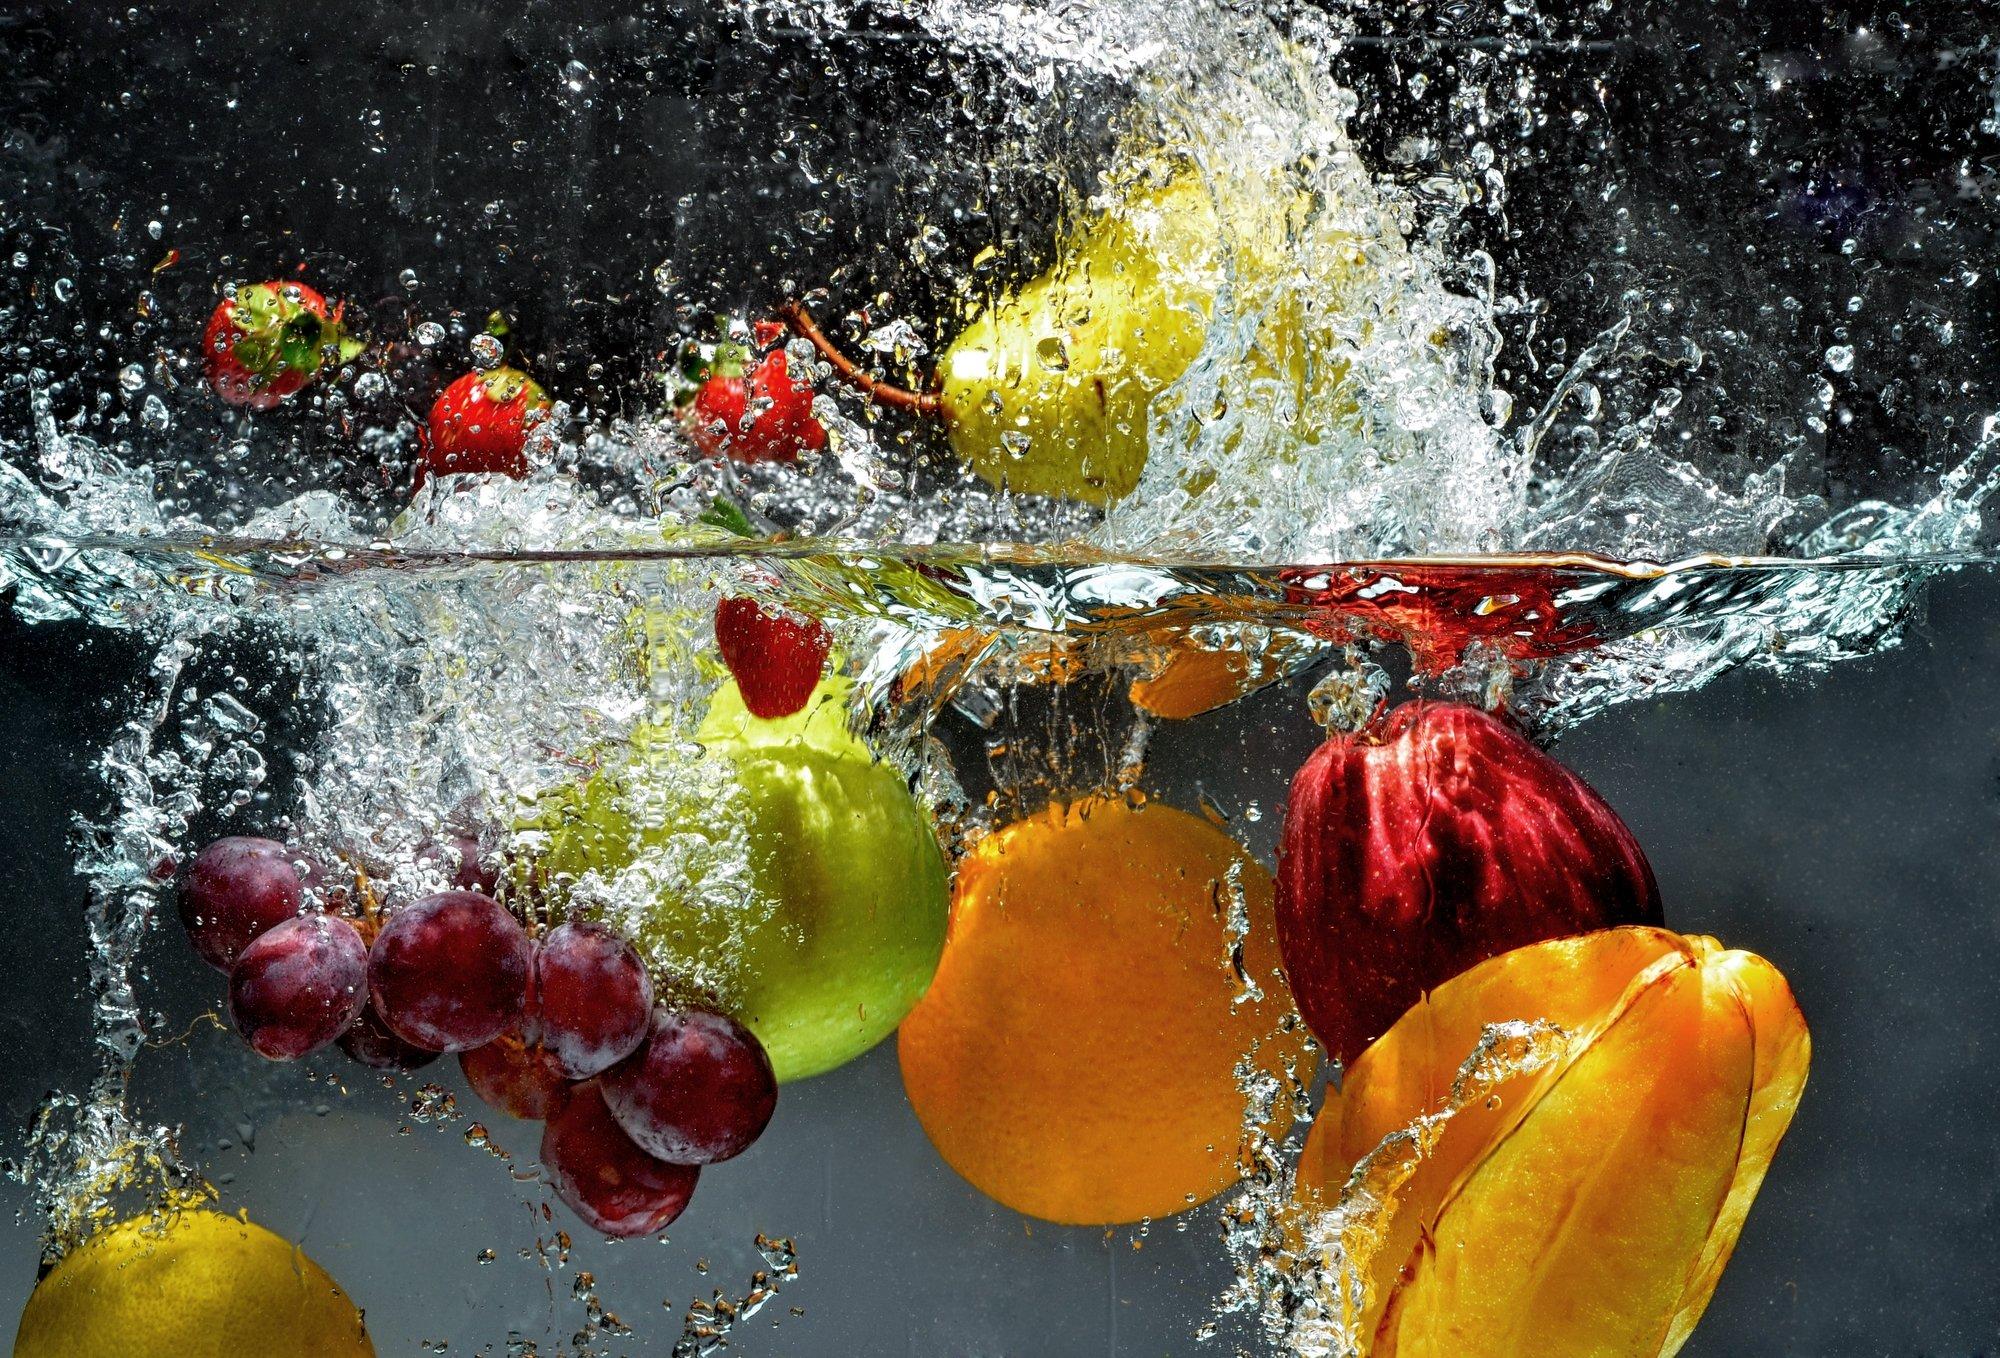 fruit_in_water.jpg